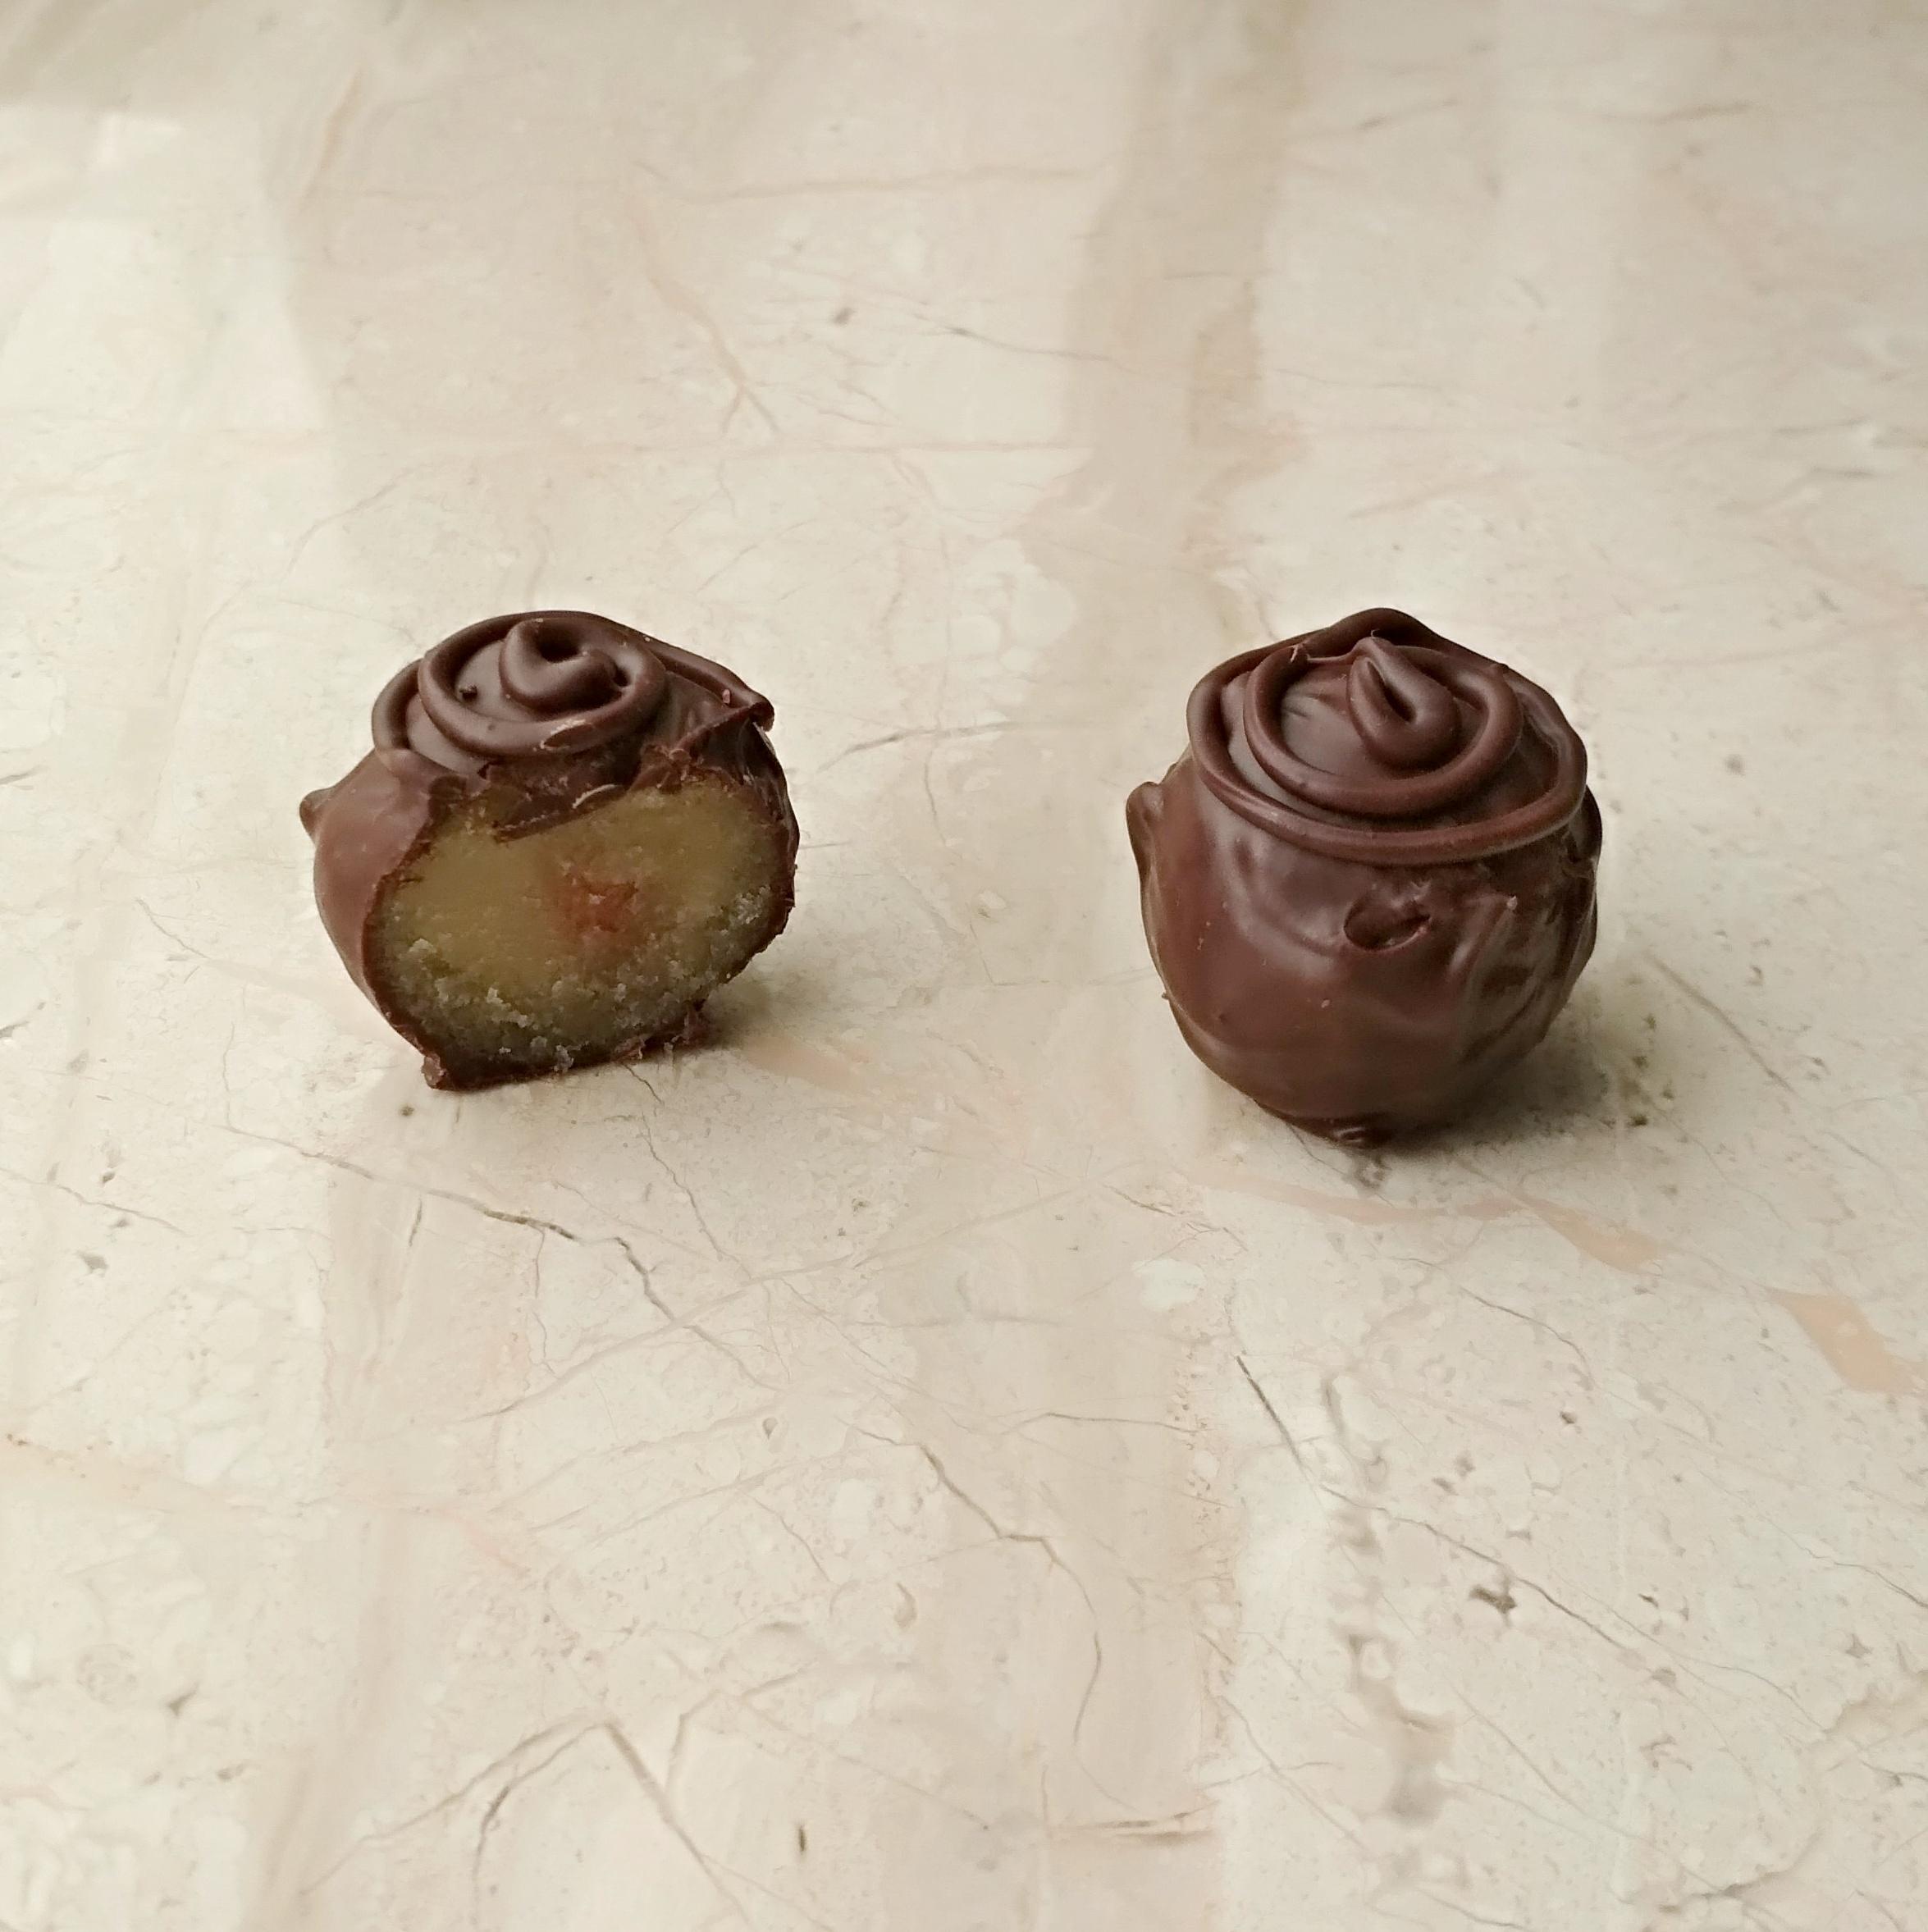 марципановый трюфель в тёмном шоколаде